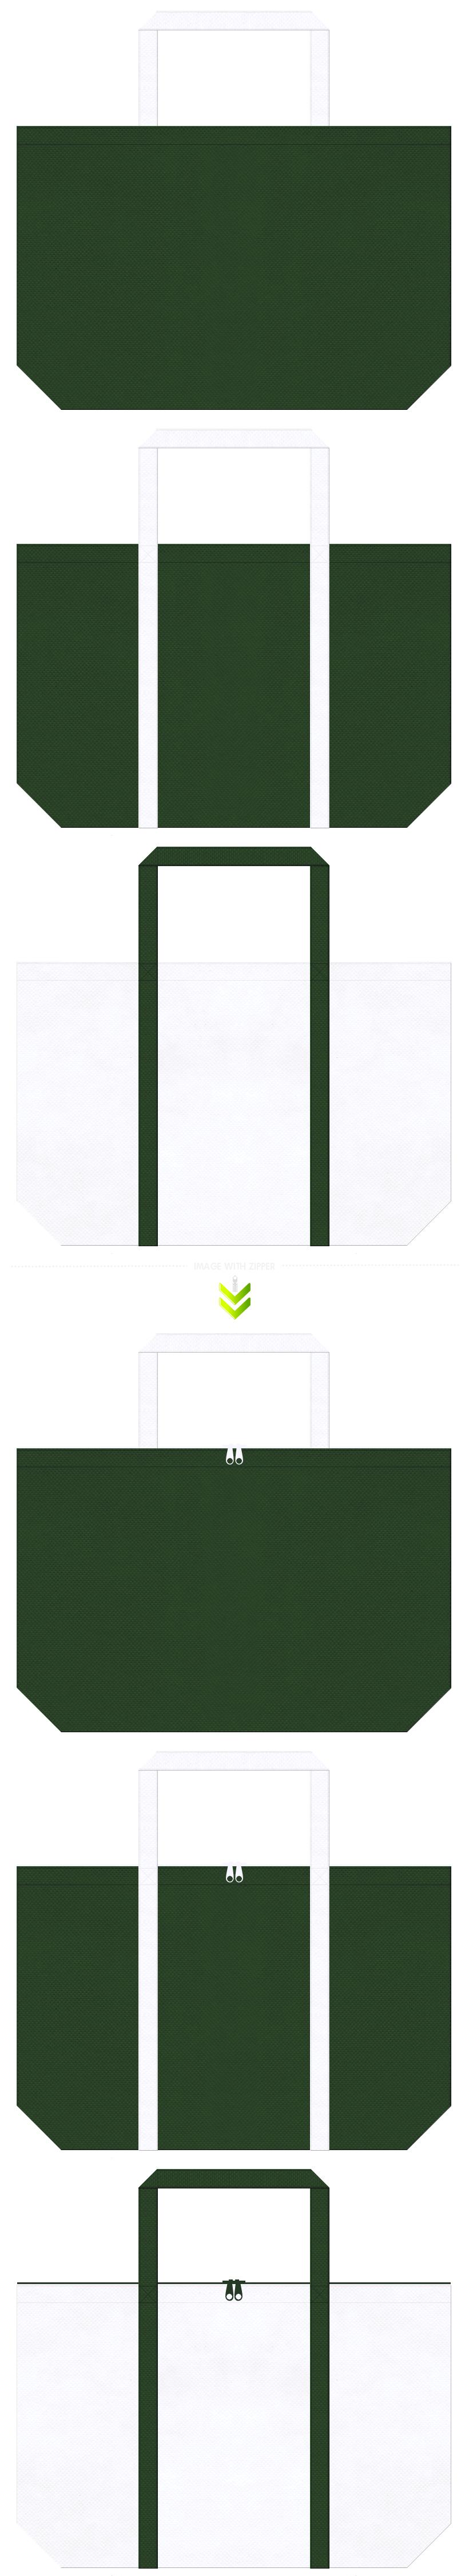 濃緑色と白色の不織布エコバッグのデザイン。救急用品・安全用品・薬局・薬品のバッグノベルティにお奨めです。